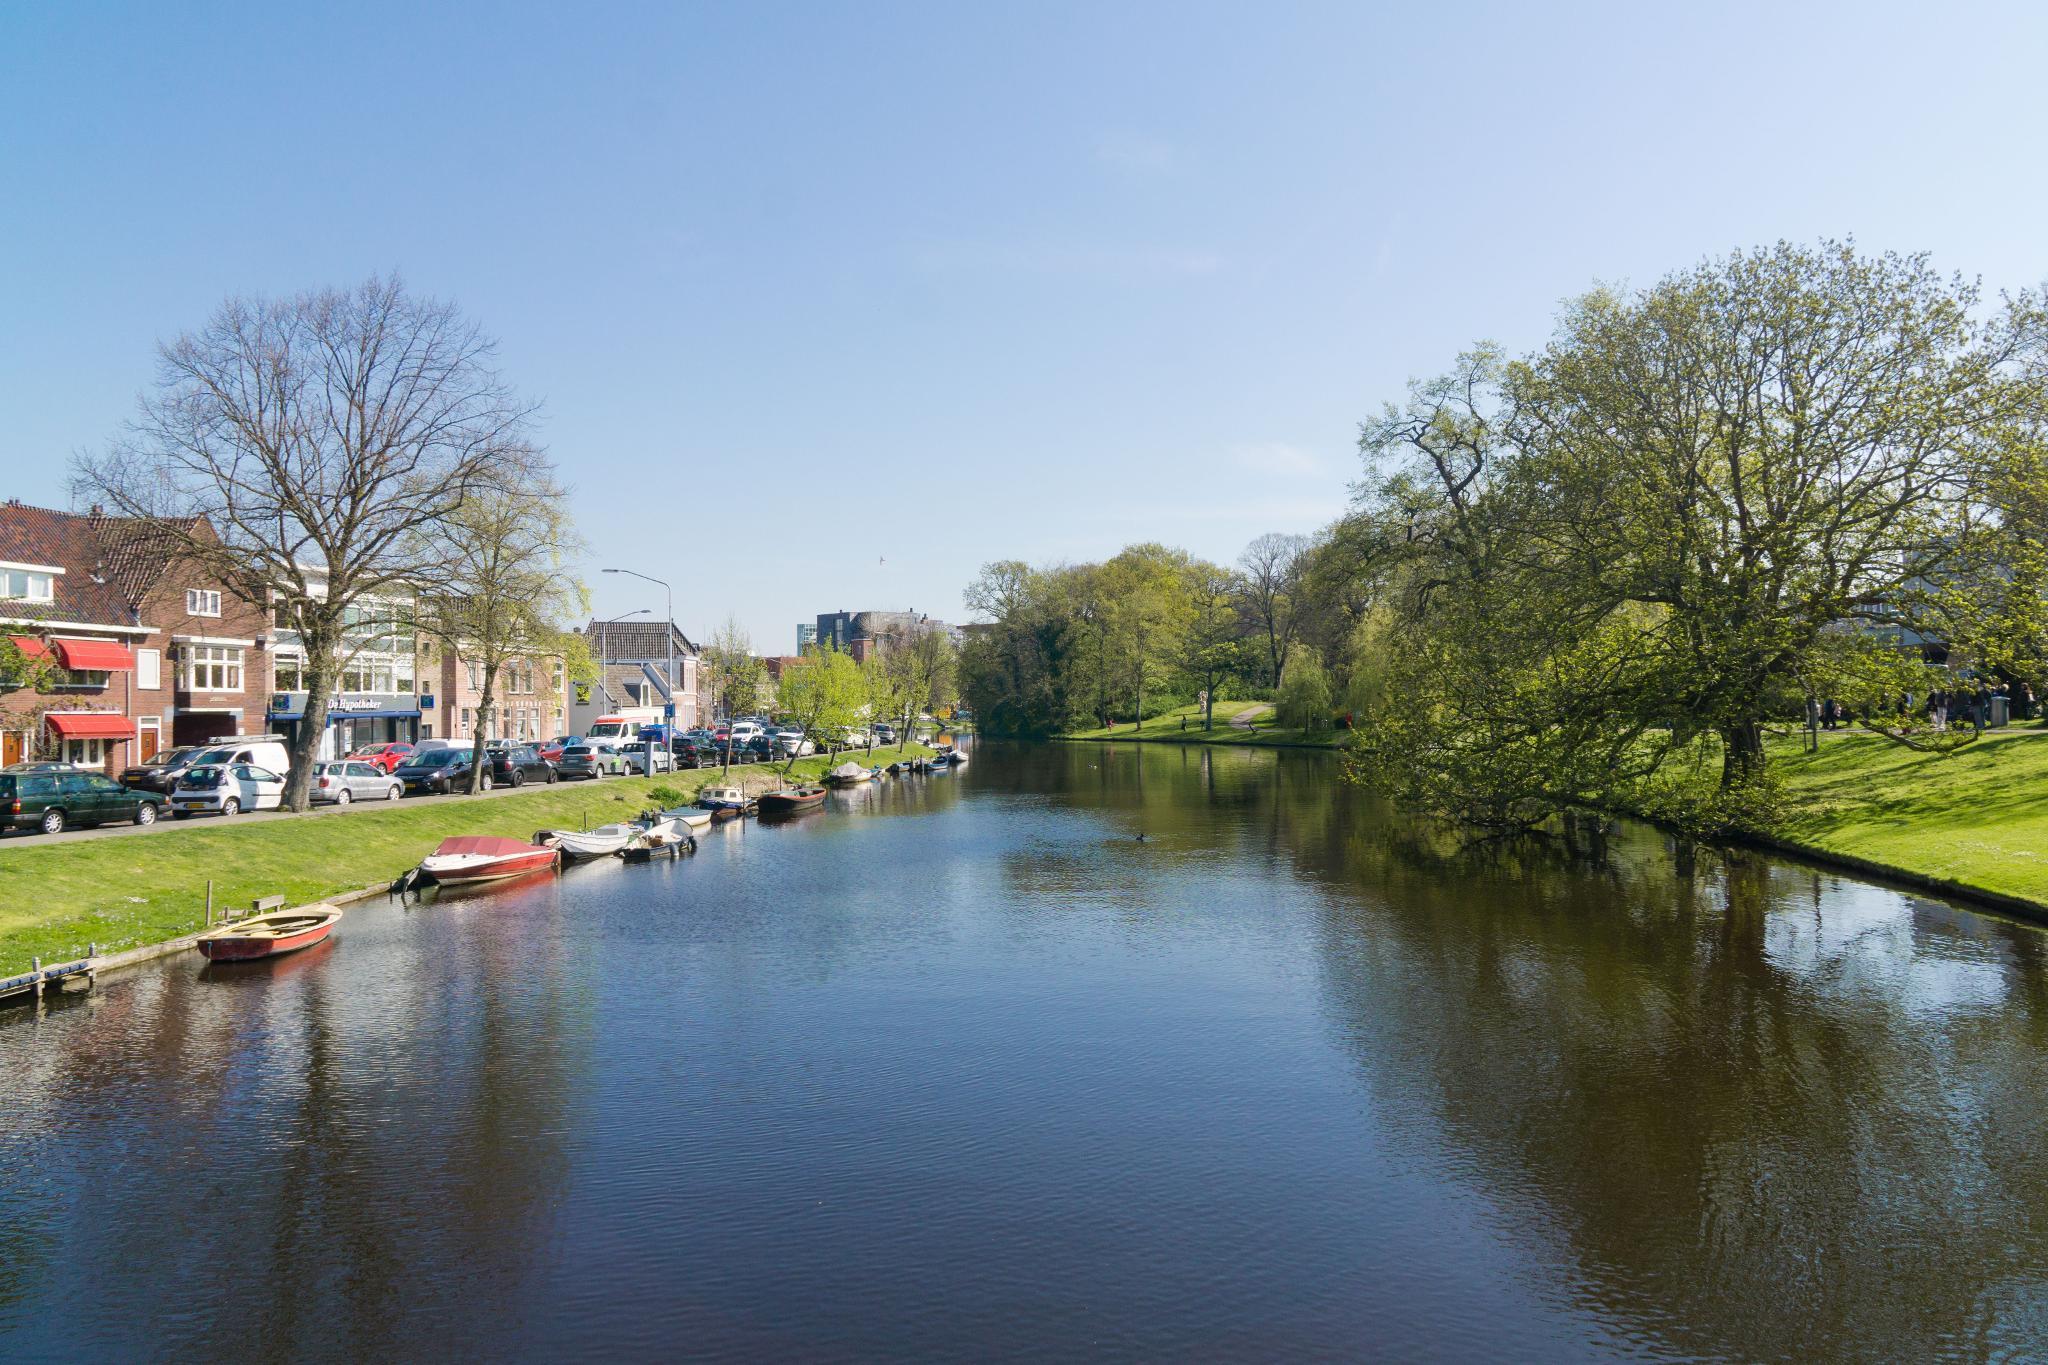 【荷蘭印象】體驗道地的荷式風情 — Alkmaar 起司市集 散步路線整理 12